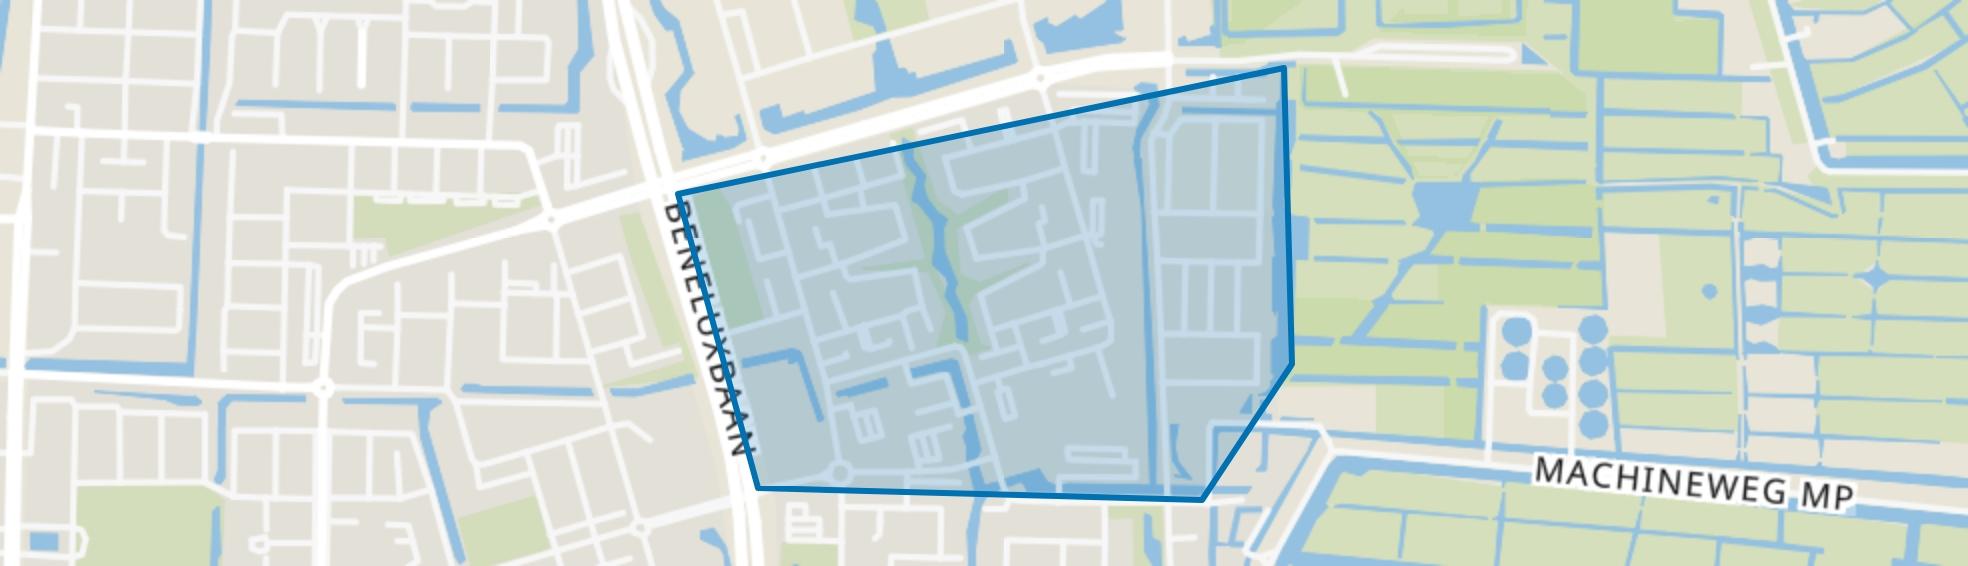 Heldenbuurt, Amstelveen map